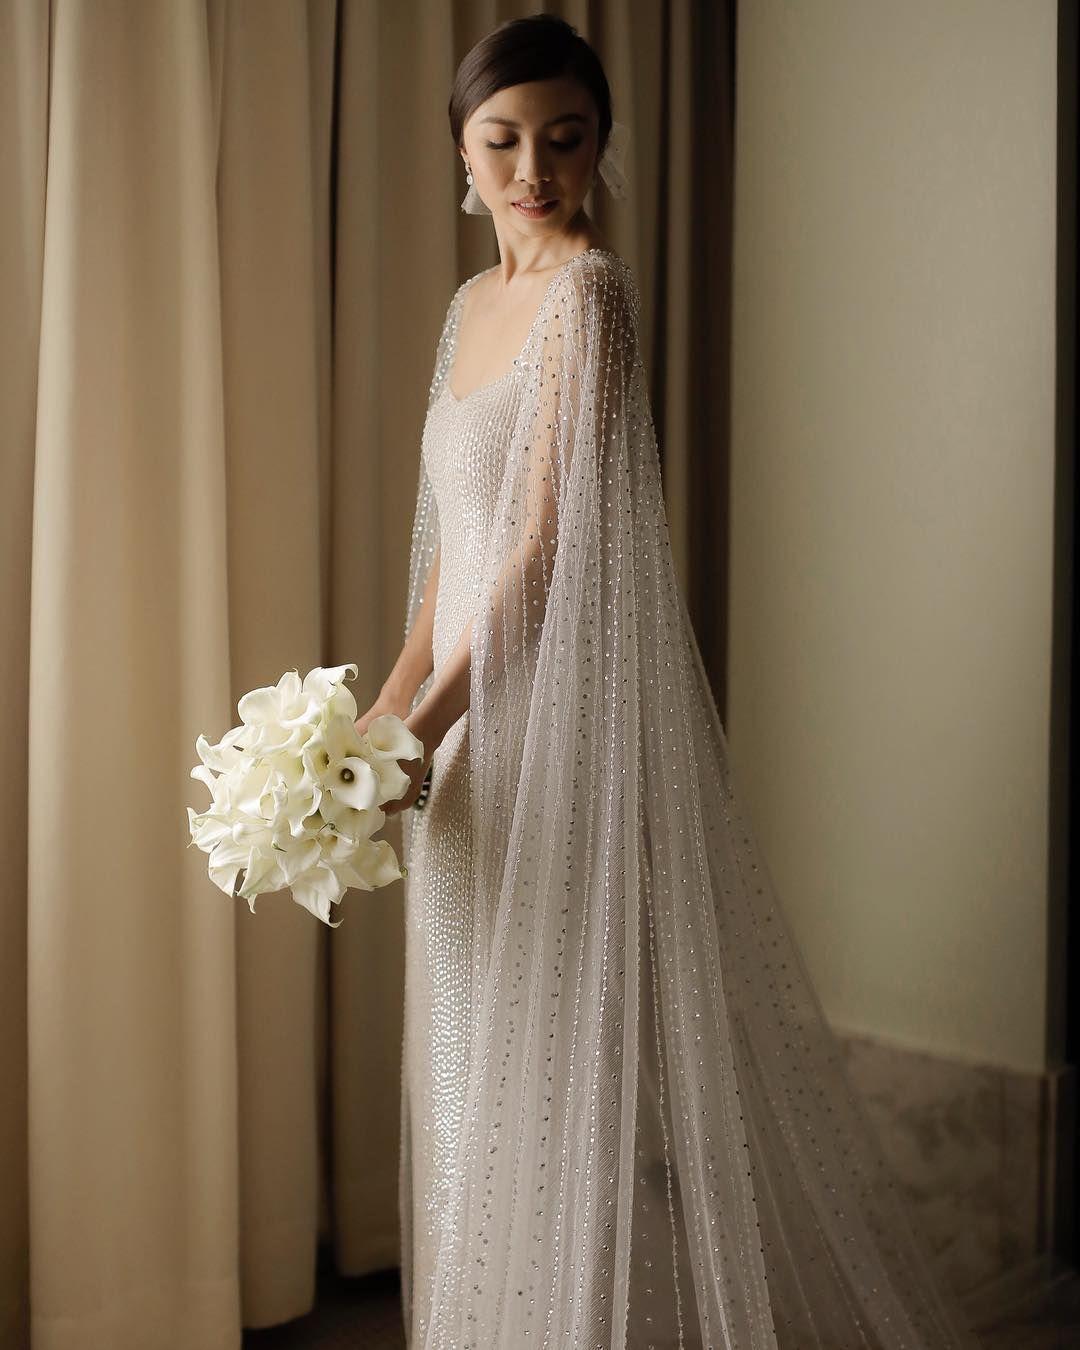 Affordable Wedding Gowns In Manila: Pin By Trương Đặng Ngọc Lý On WEDDING